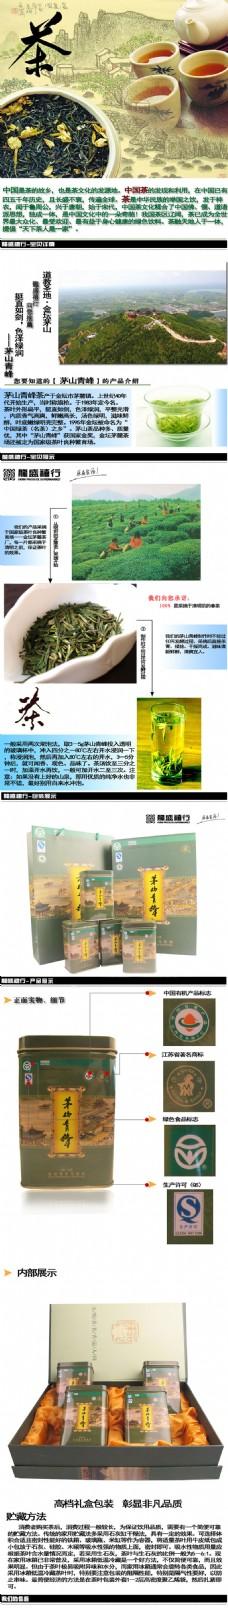 淘宝茶详情页